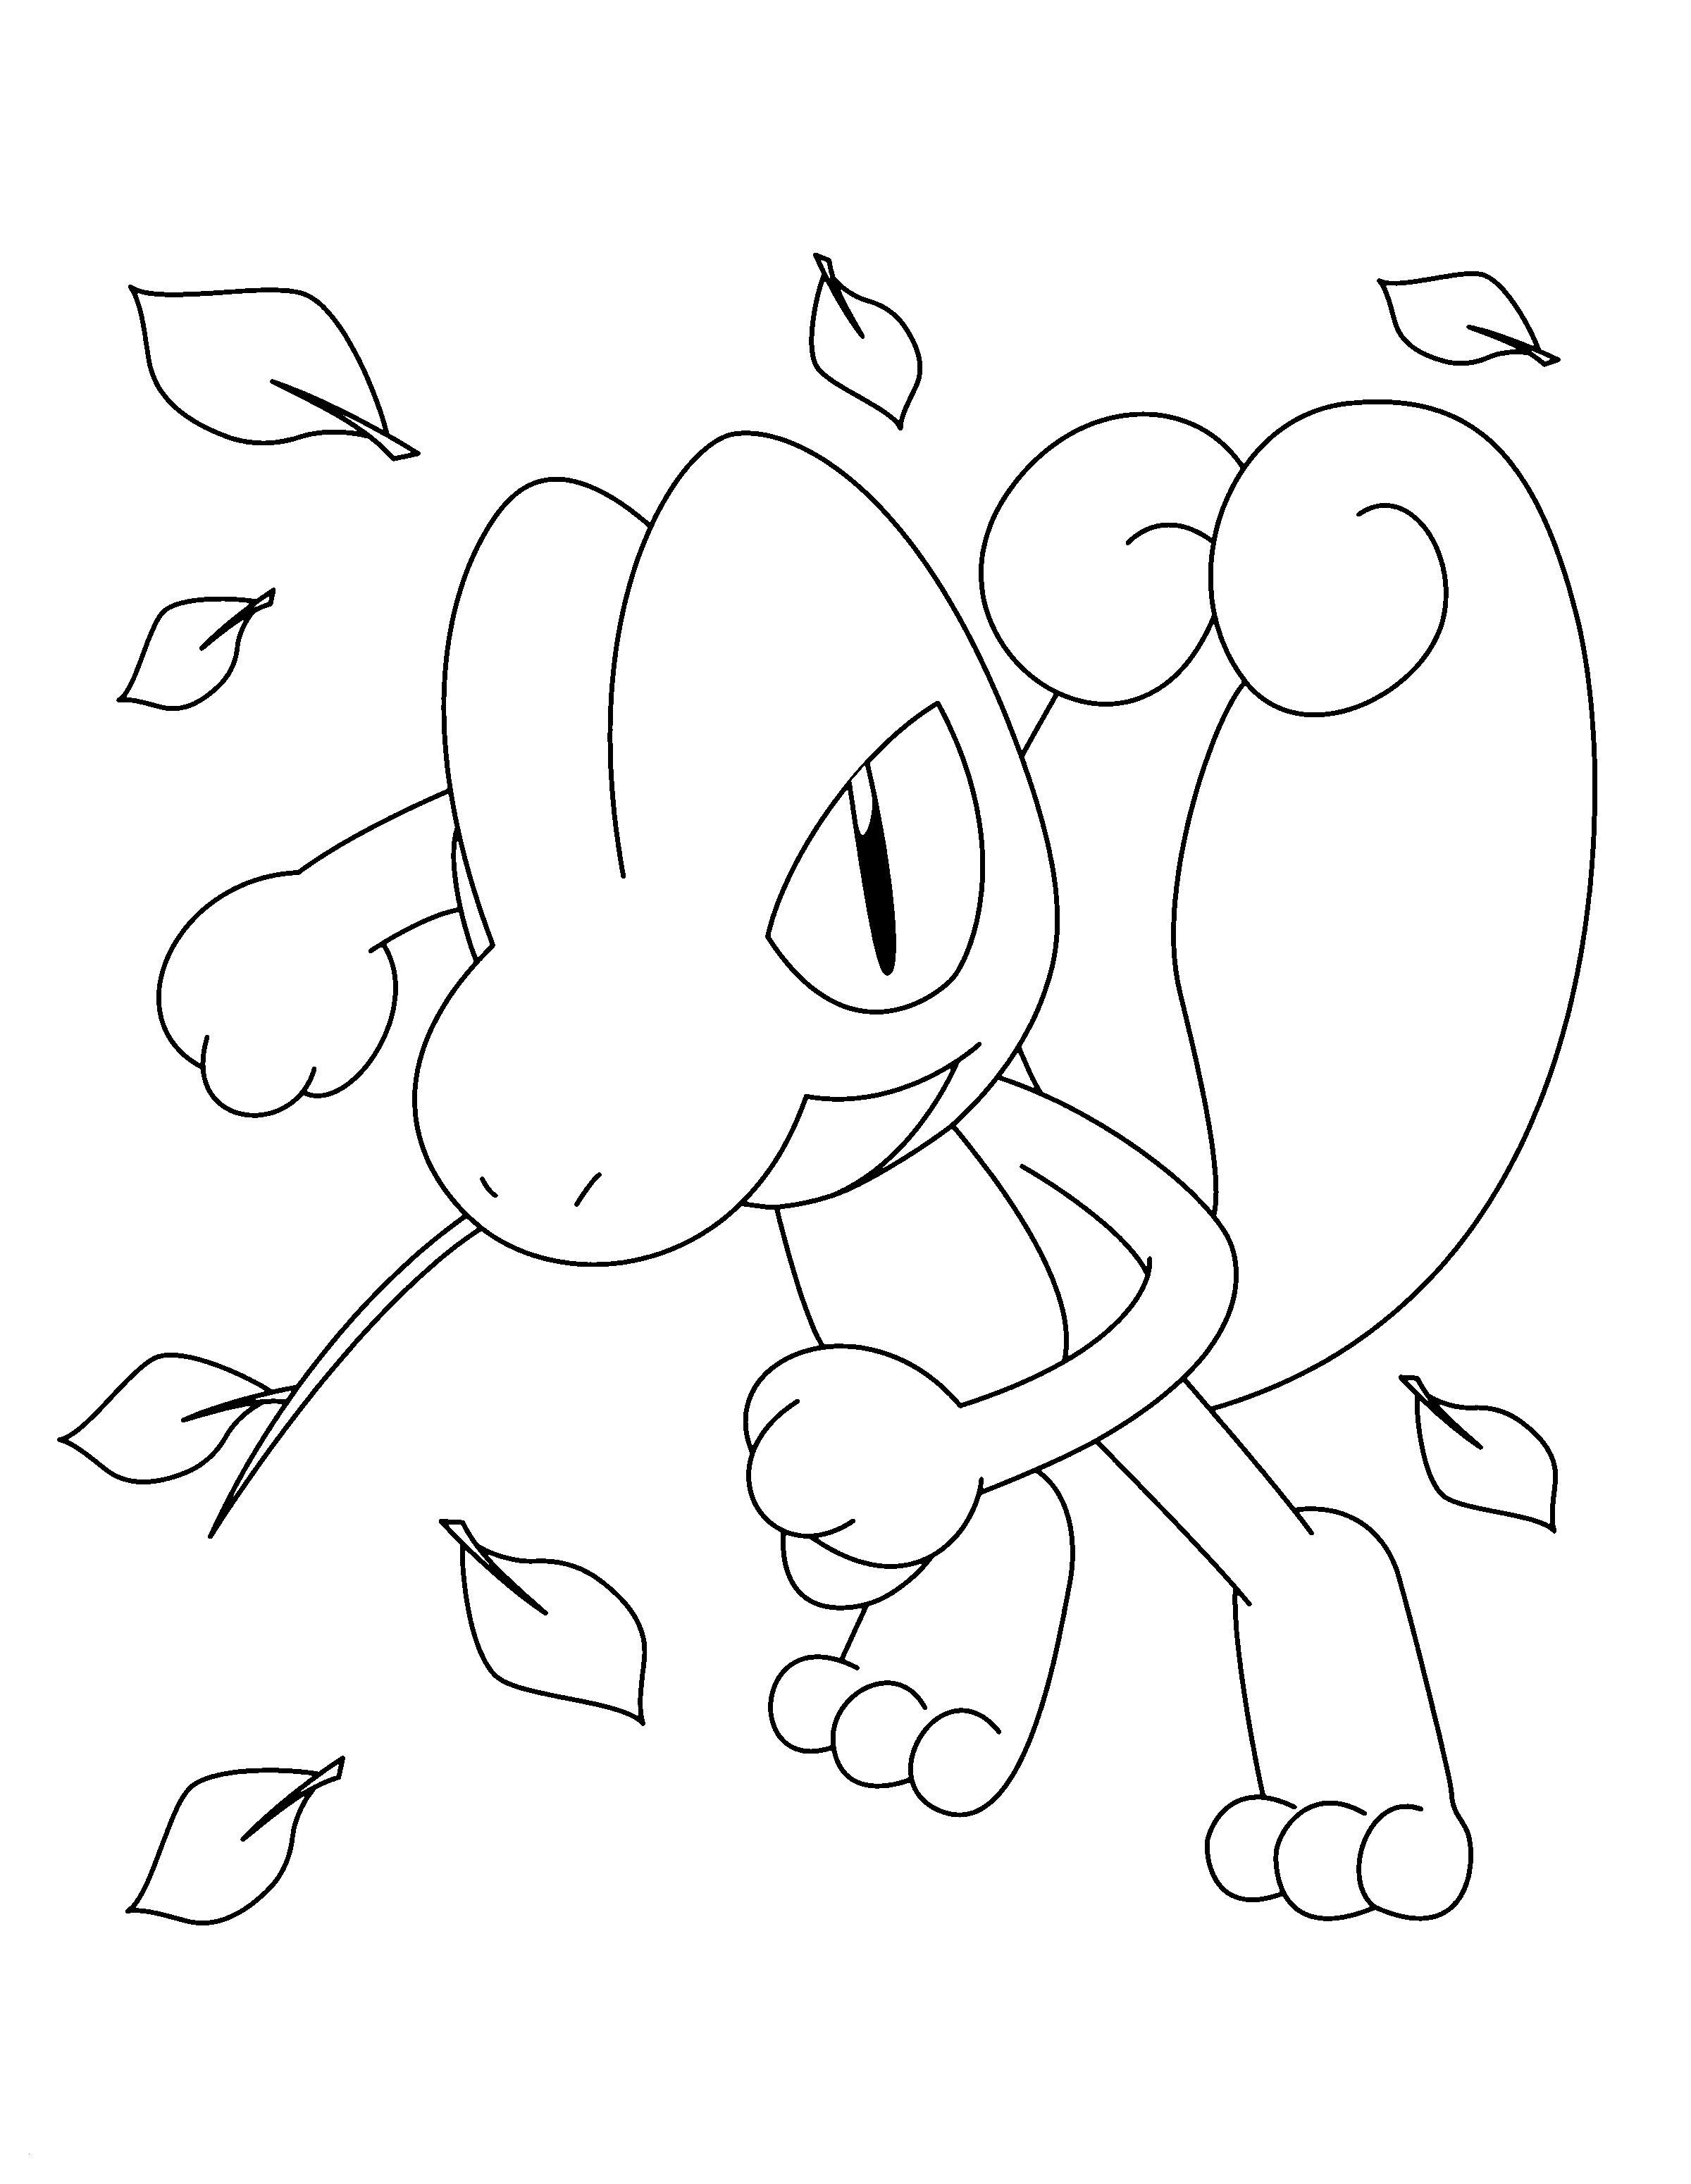 Pokemon Ausmalbilder sonne Und Mond Frisch 40 Elegant Ausmalbilder Zahnfee Mickeycarrollmunchkin Das Bild